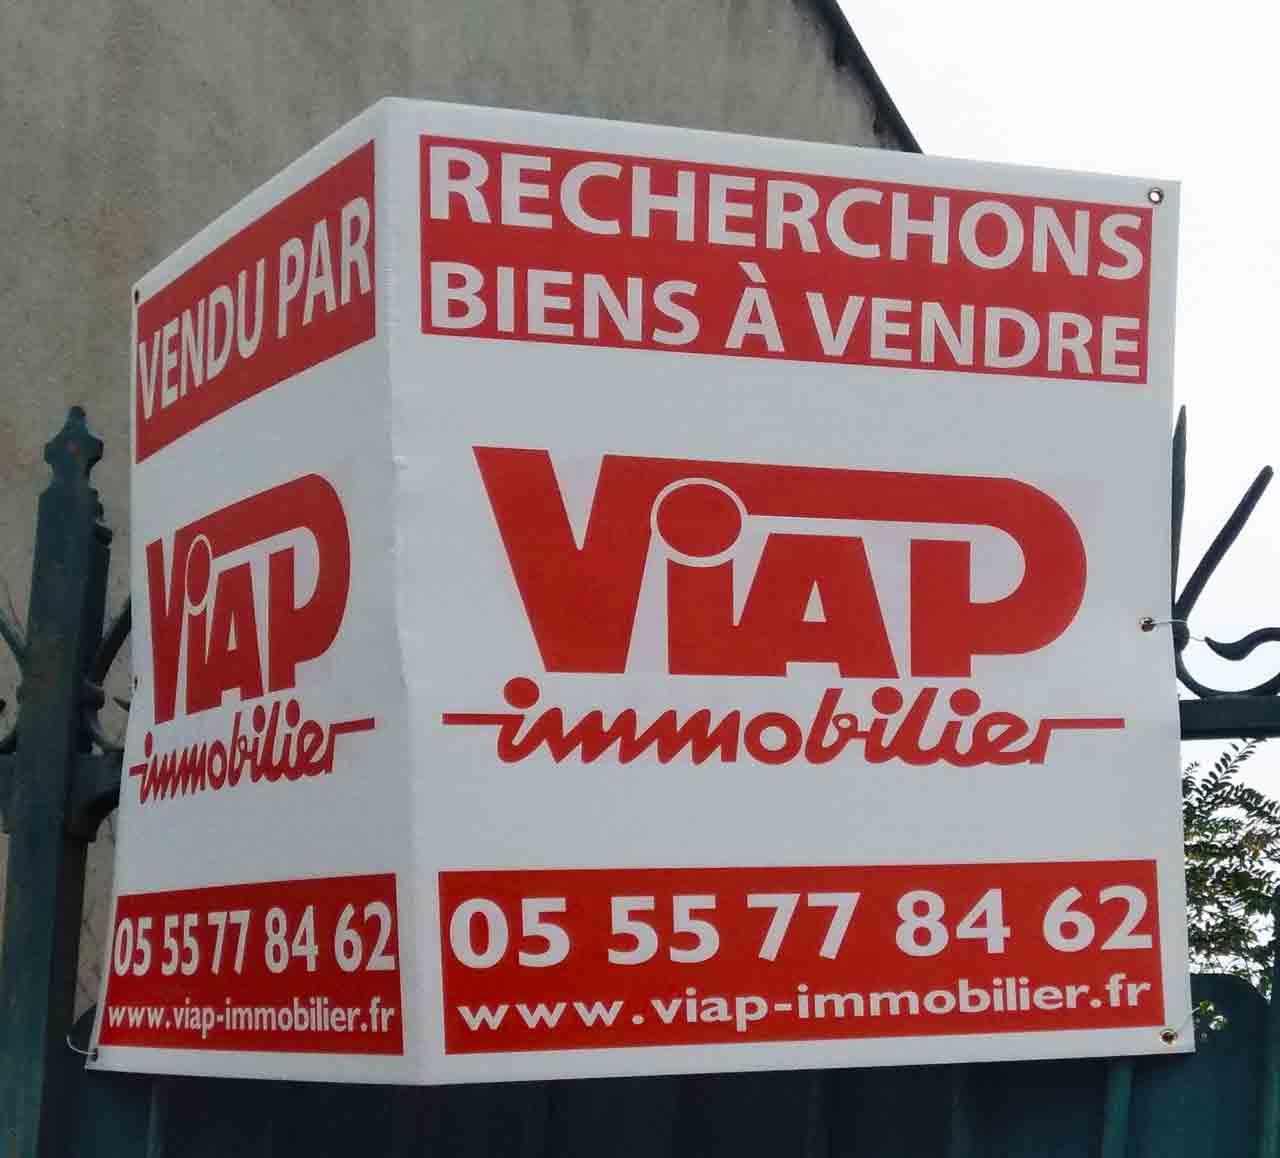 Le logo Viap en situation sur un panneau en octobre 2020. Marc-André